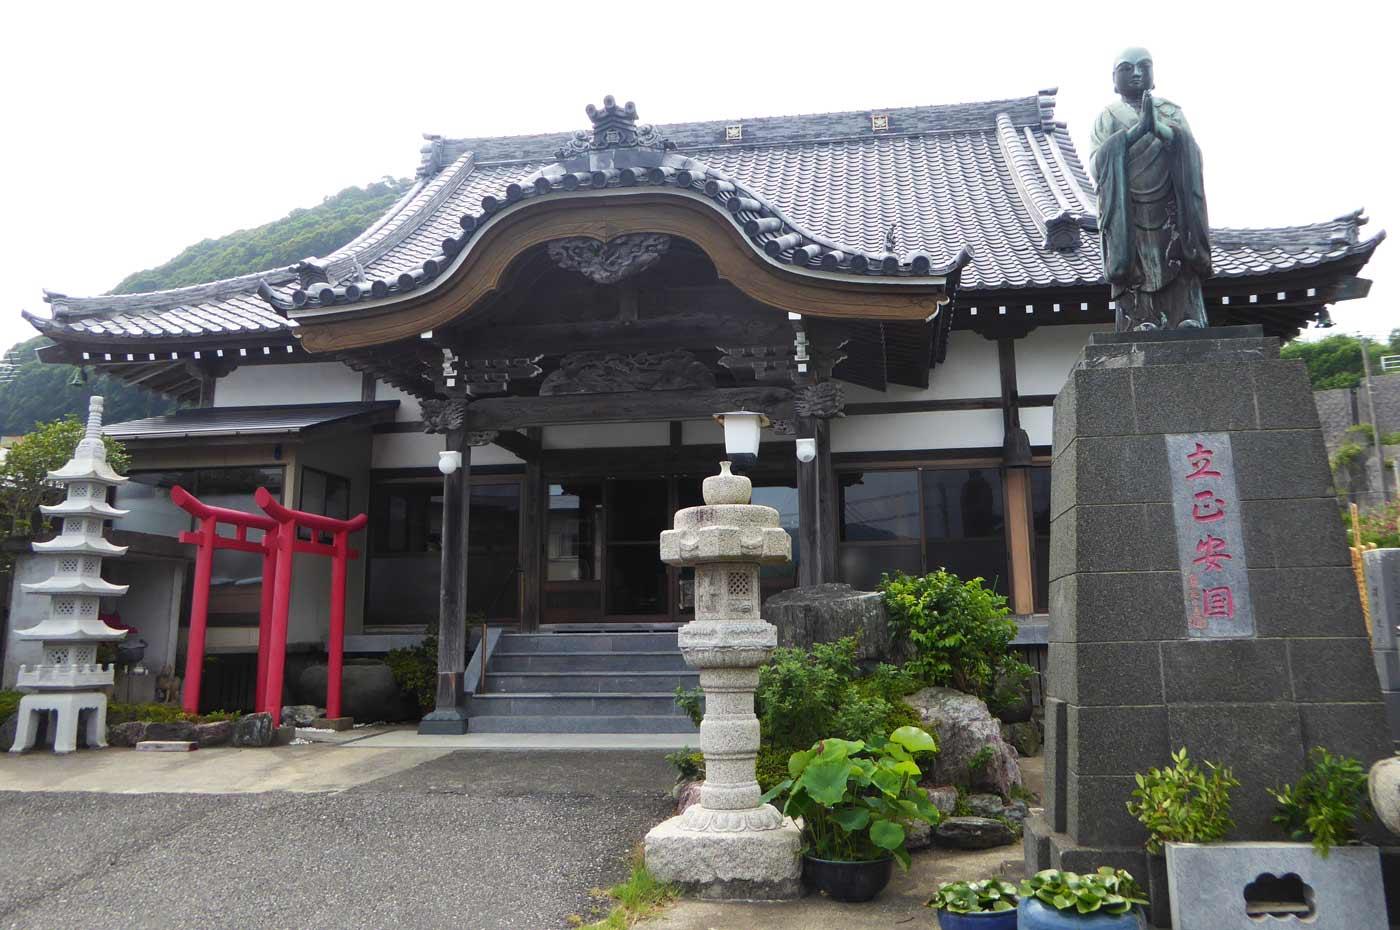 高生寺の日蓮聖人像と本堂